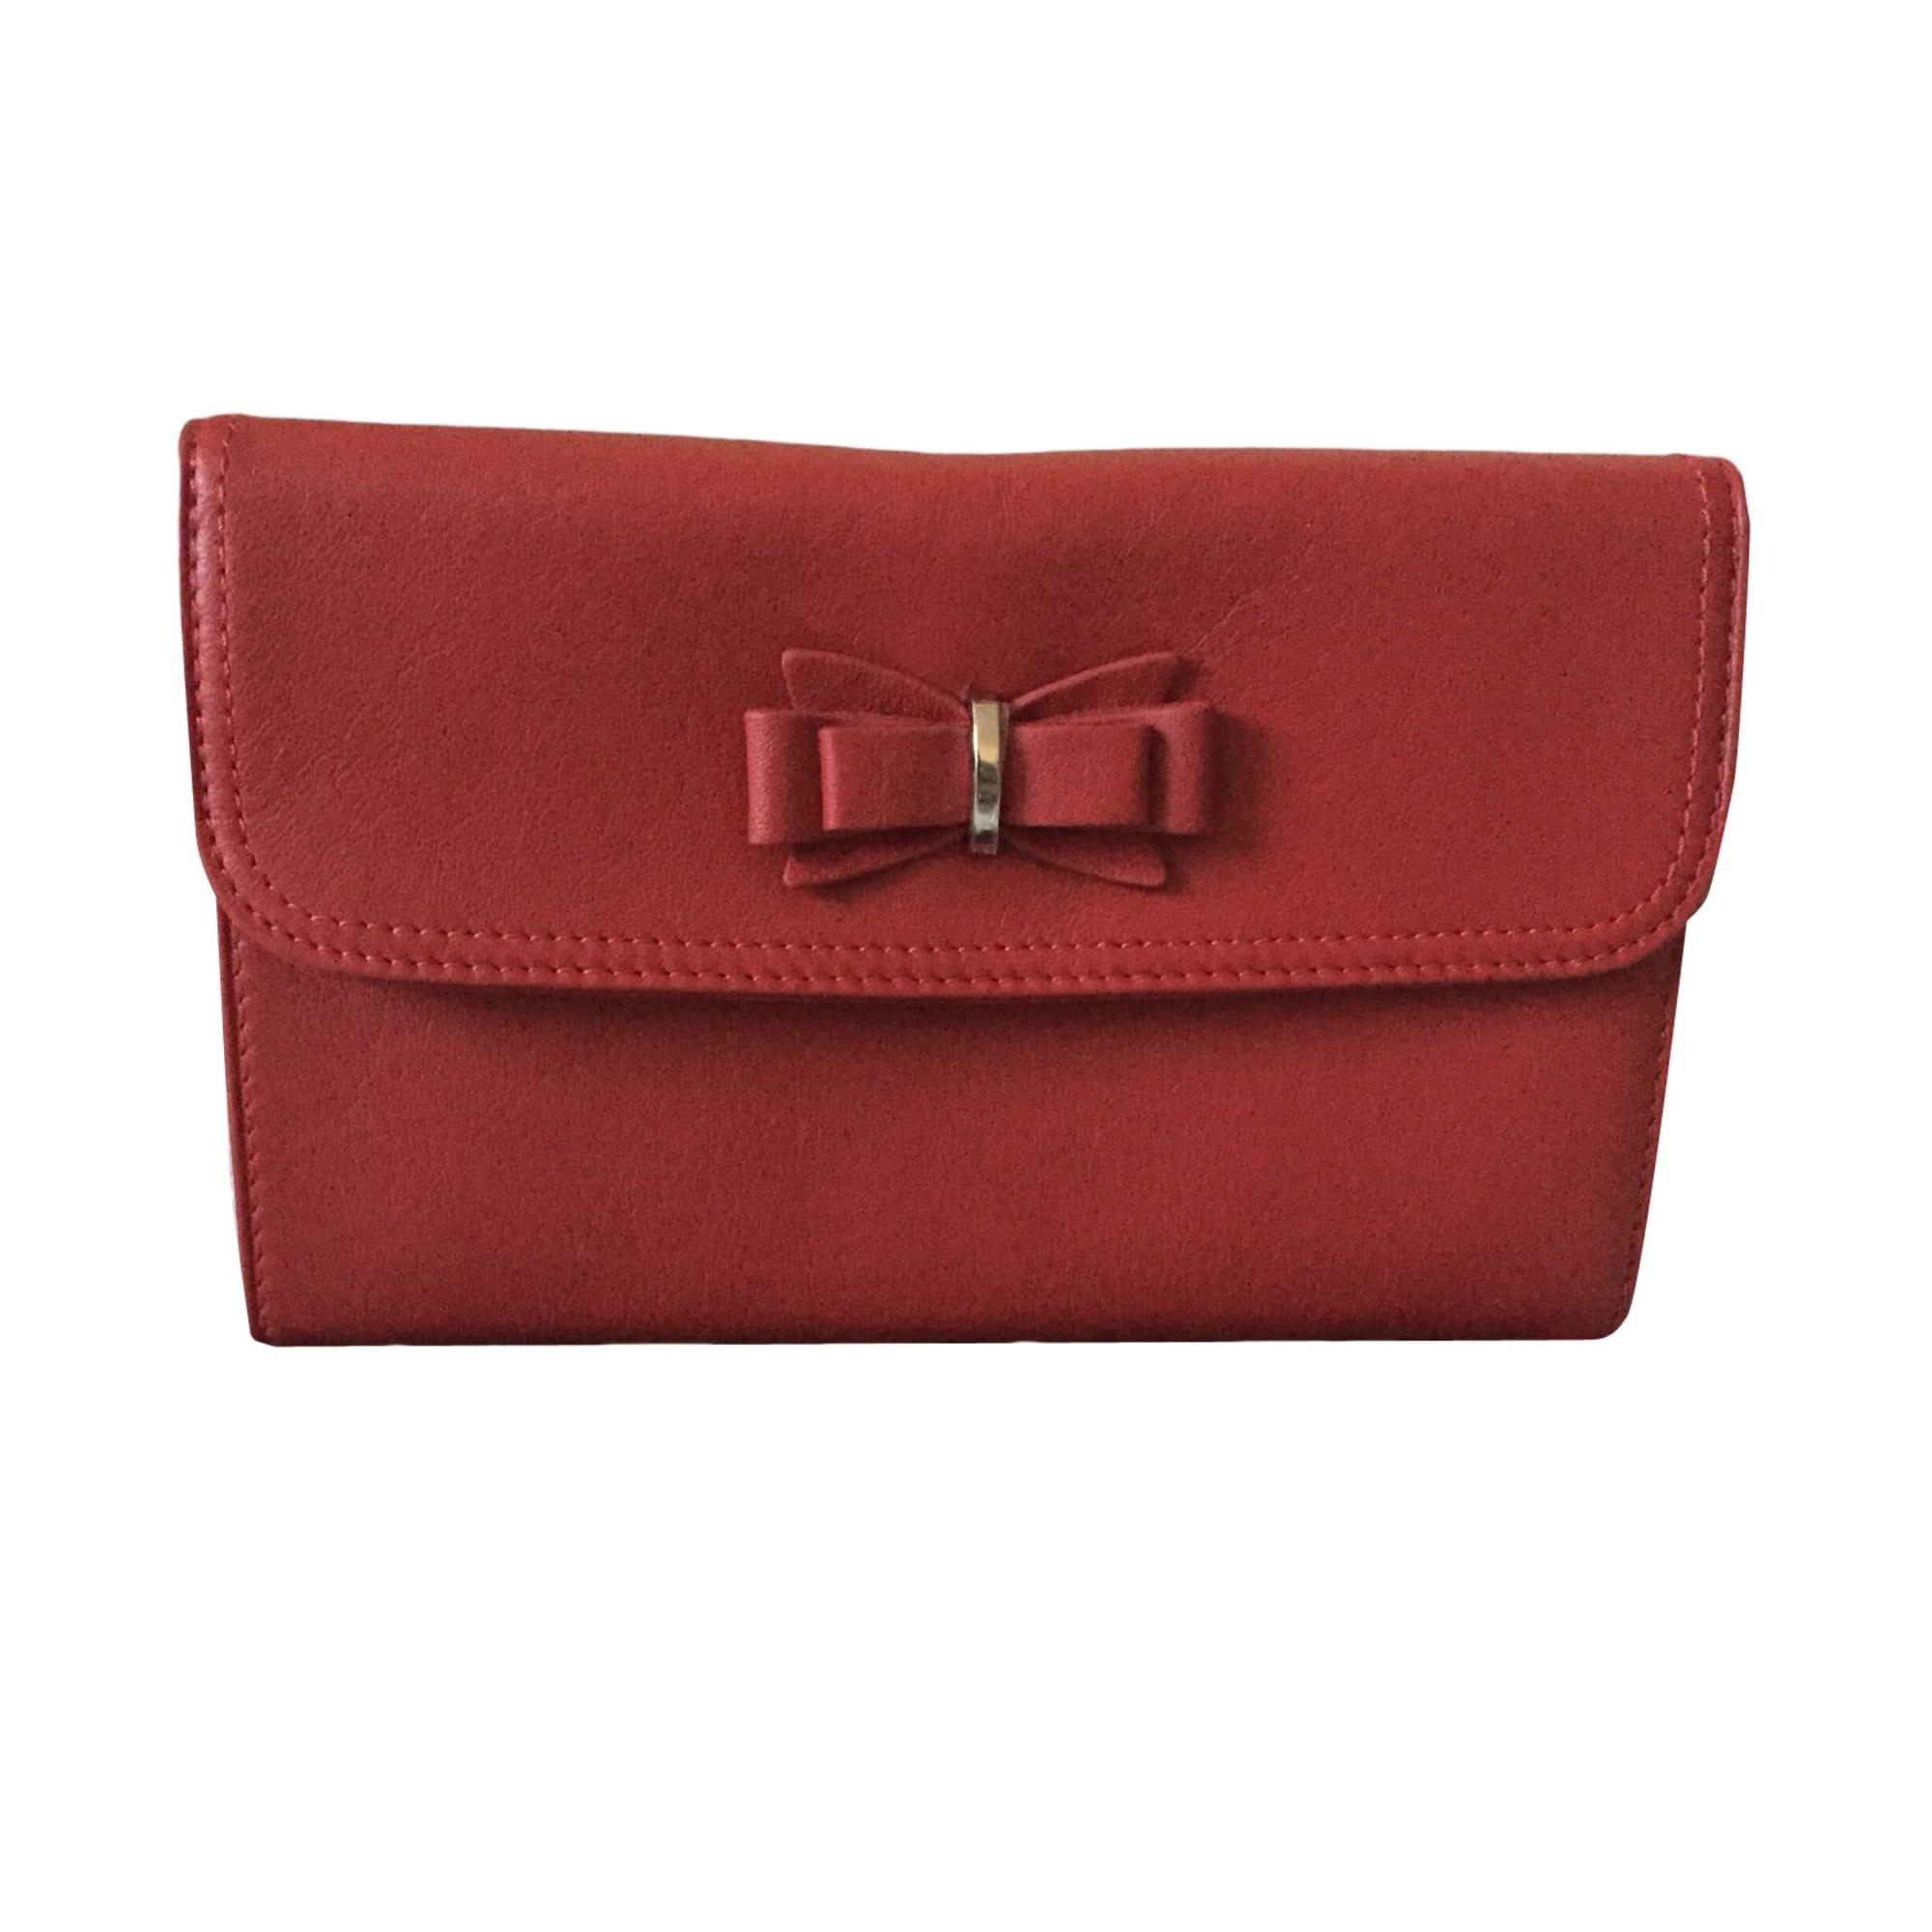 Portefeuille LANCASTER rouge vendu par Khanh 13 - 7164752 a79c8cd3aa9